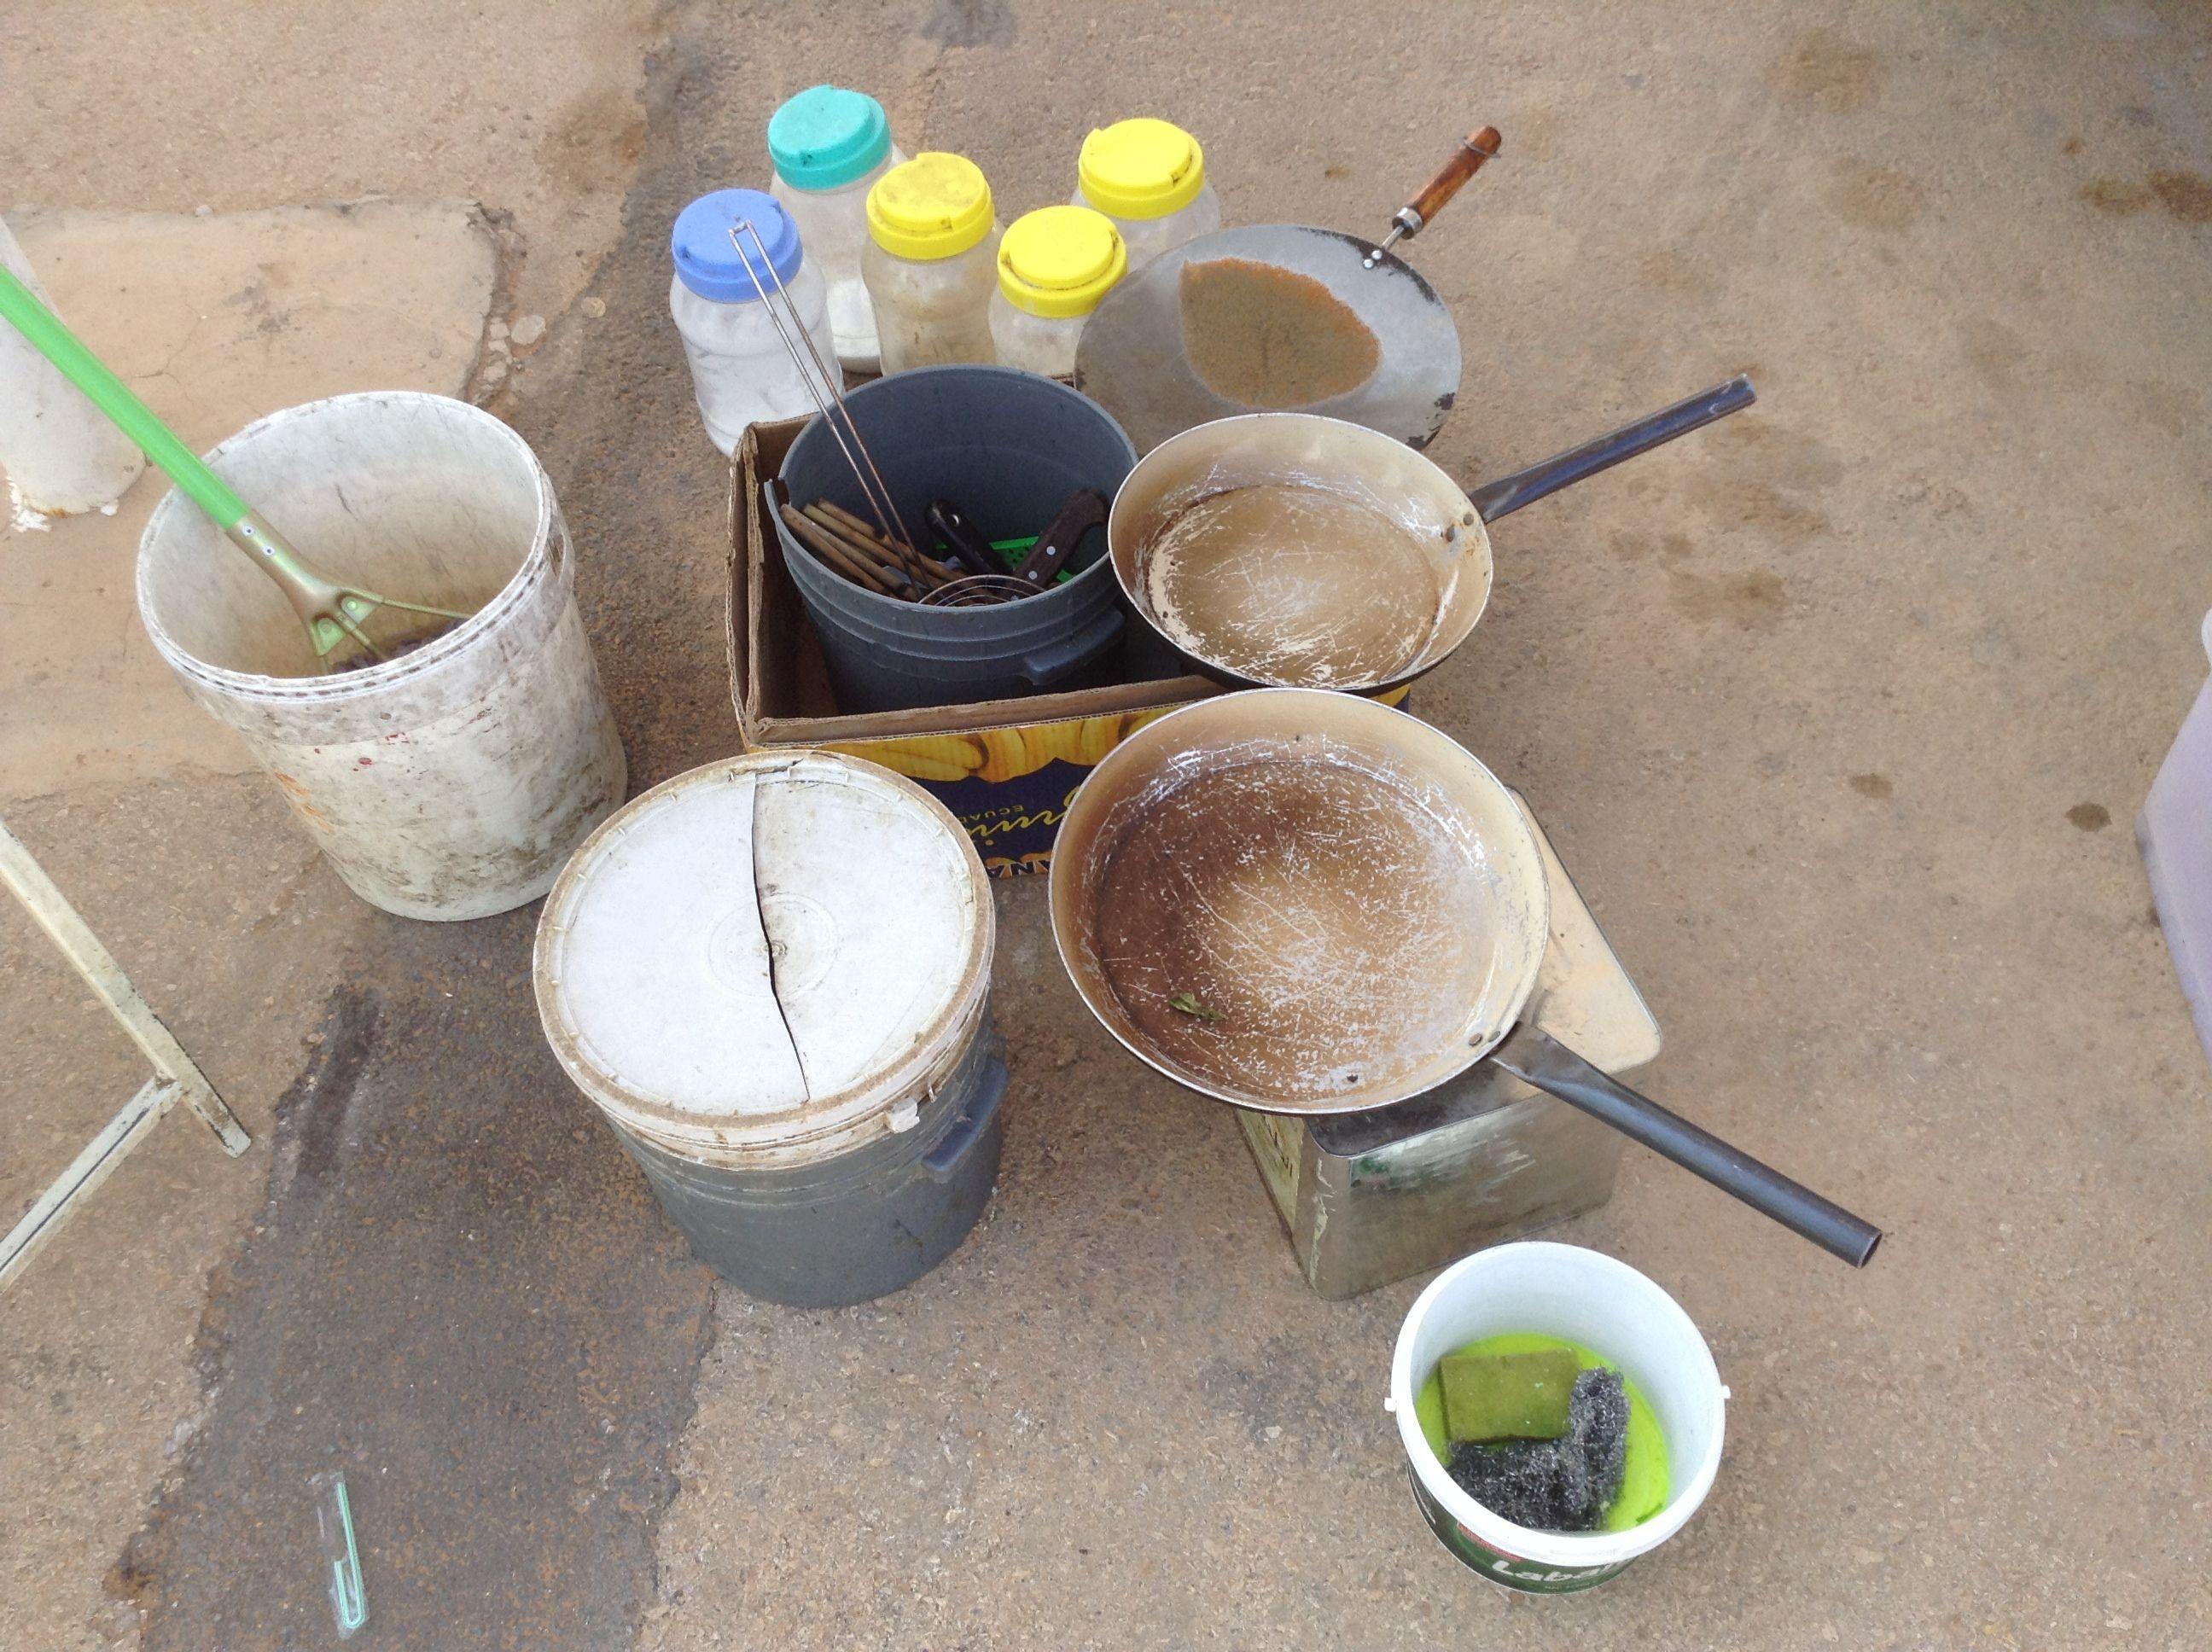 بلدية الزلفي مصادرة مواد غذائية صالحة للإستهلاك الآدمي شبكة سما الزلفي Measuring Cups Utensil Cup